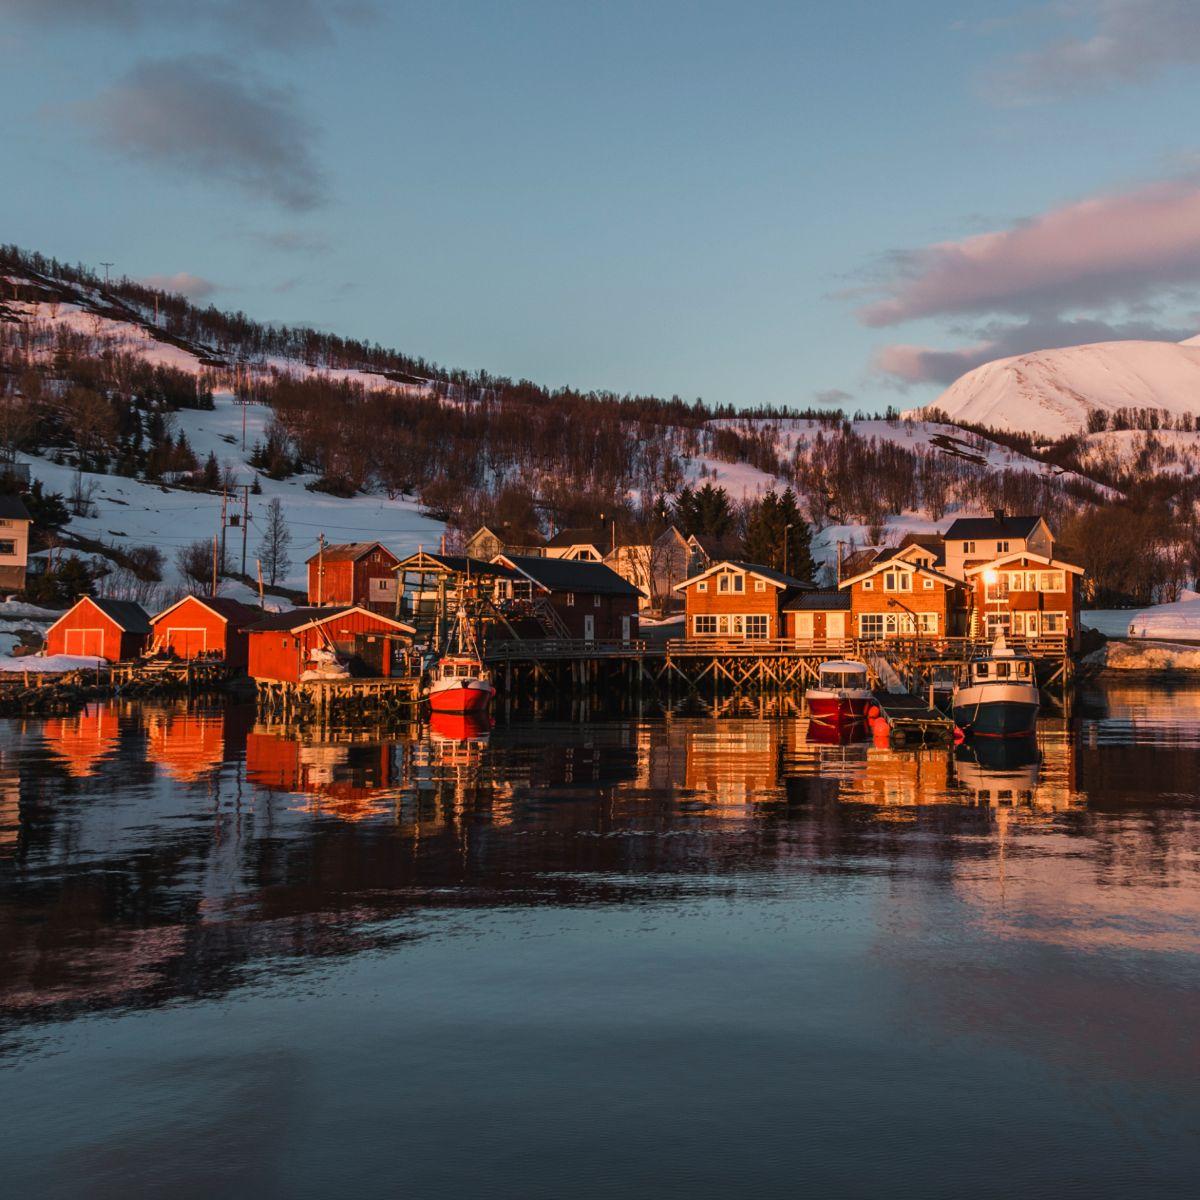 koppangen-skitouren-stuetzpunkt-in-norwegen-auf-der-gefuehrten-skitourenreise.jpg